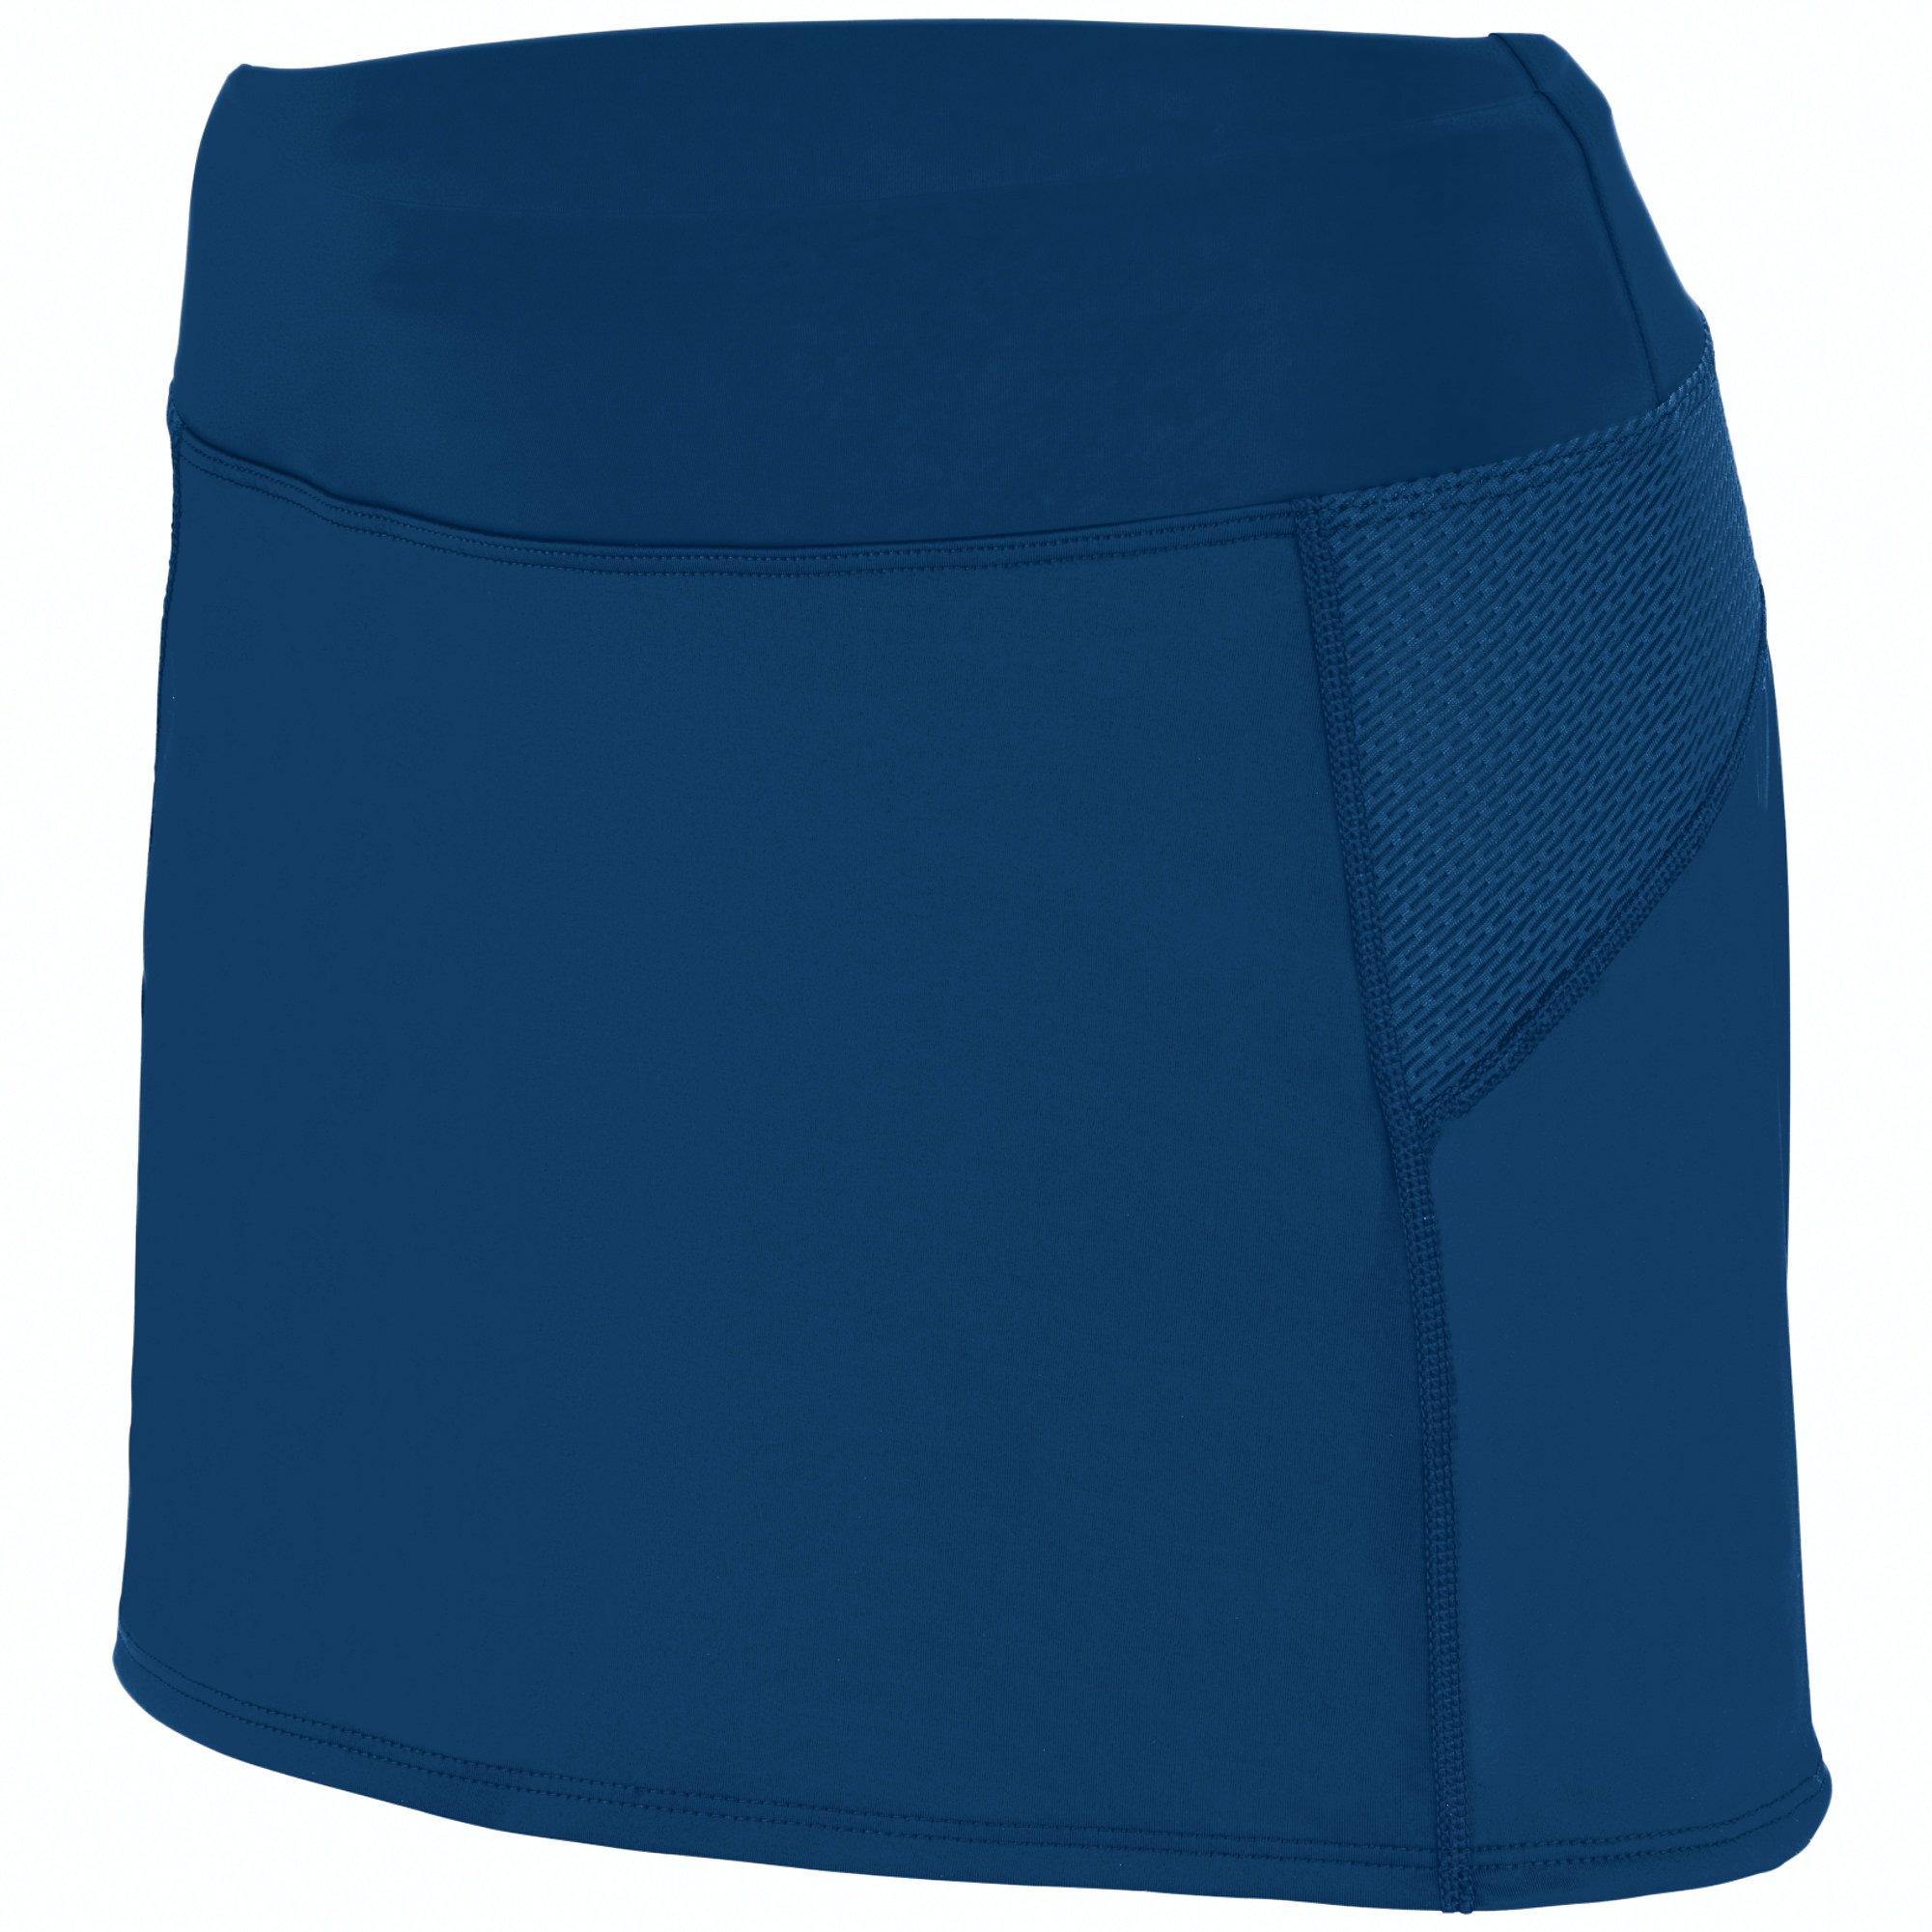 Augusta Sportswear Girls Femfit Skort L Navy/Graphite by Augusta Sportswear